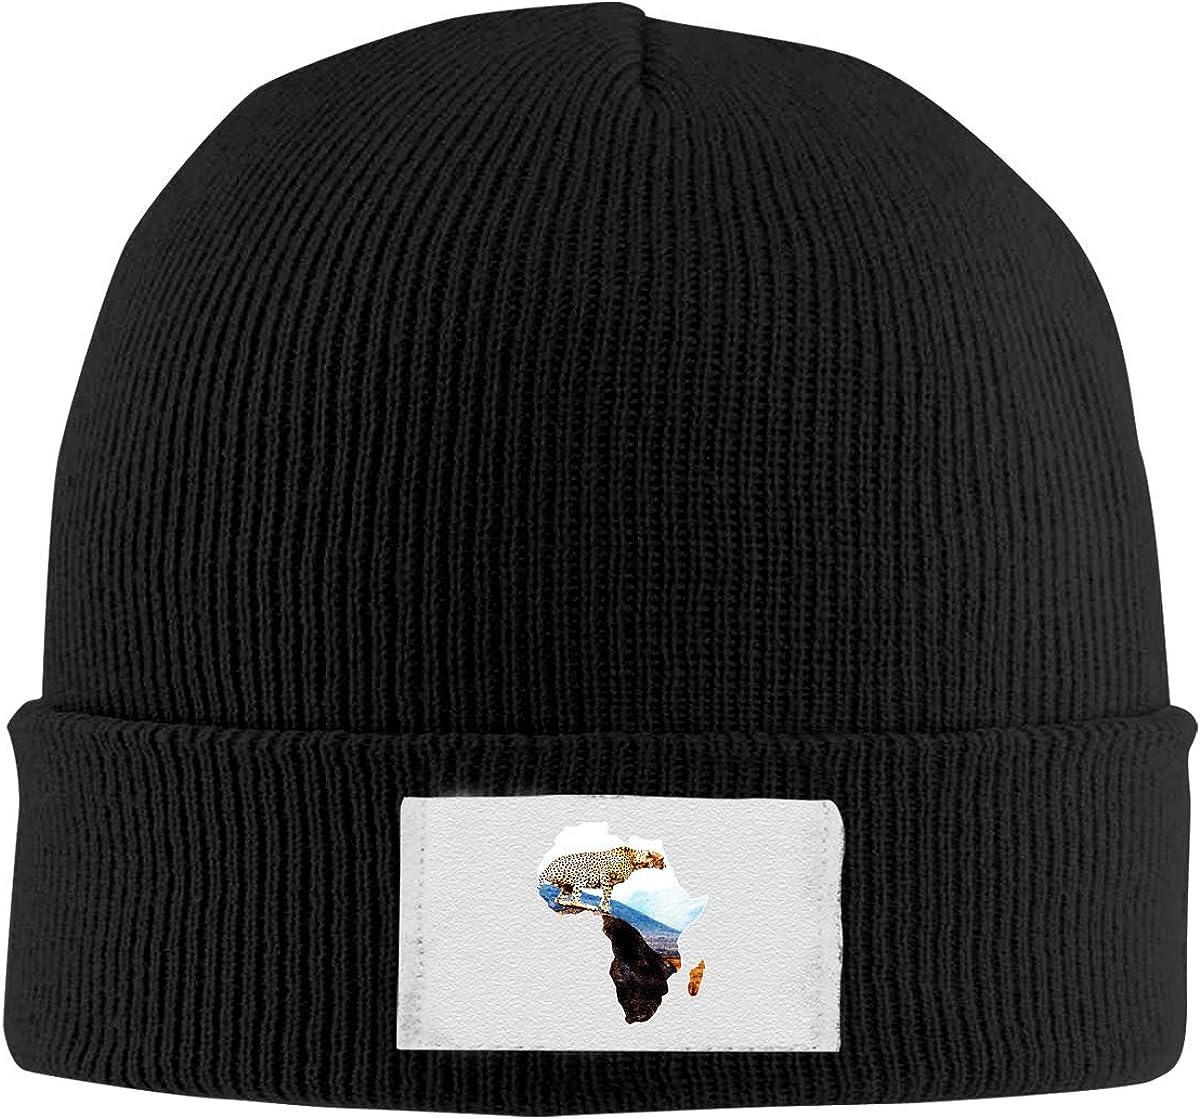 Africa Wildlife Leopard Knitted Hats Beanie Cap Fashion Unisex Winter